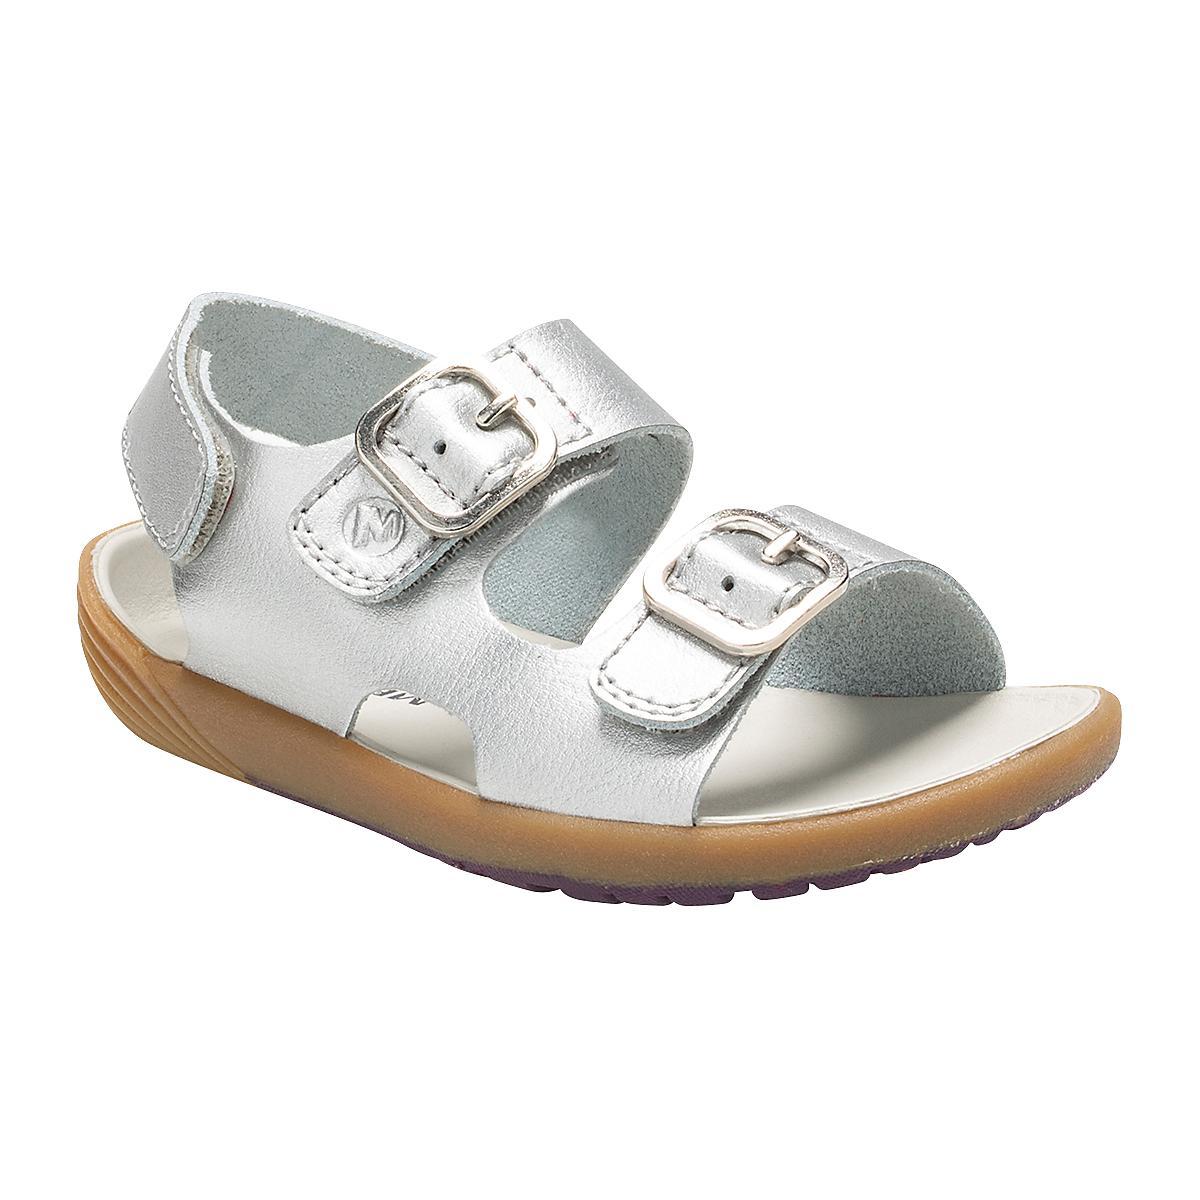 12dd59426f5e Kids Merrell Bare Steps Sandals Shoe